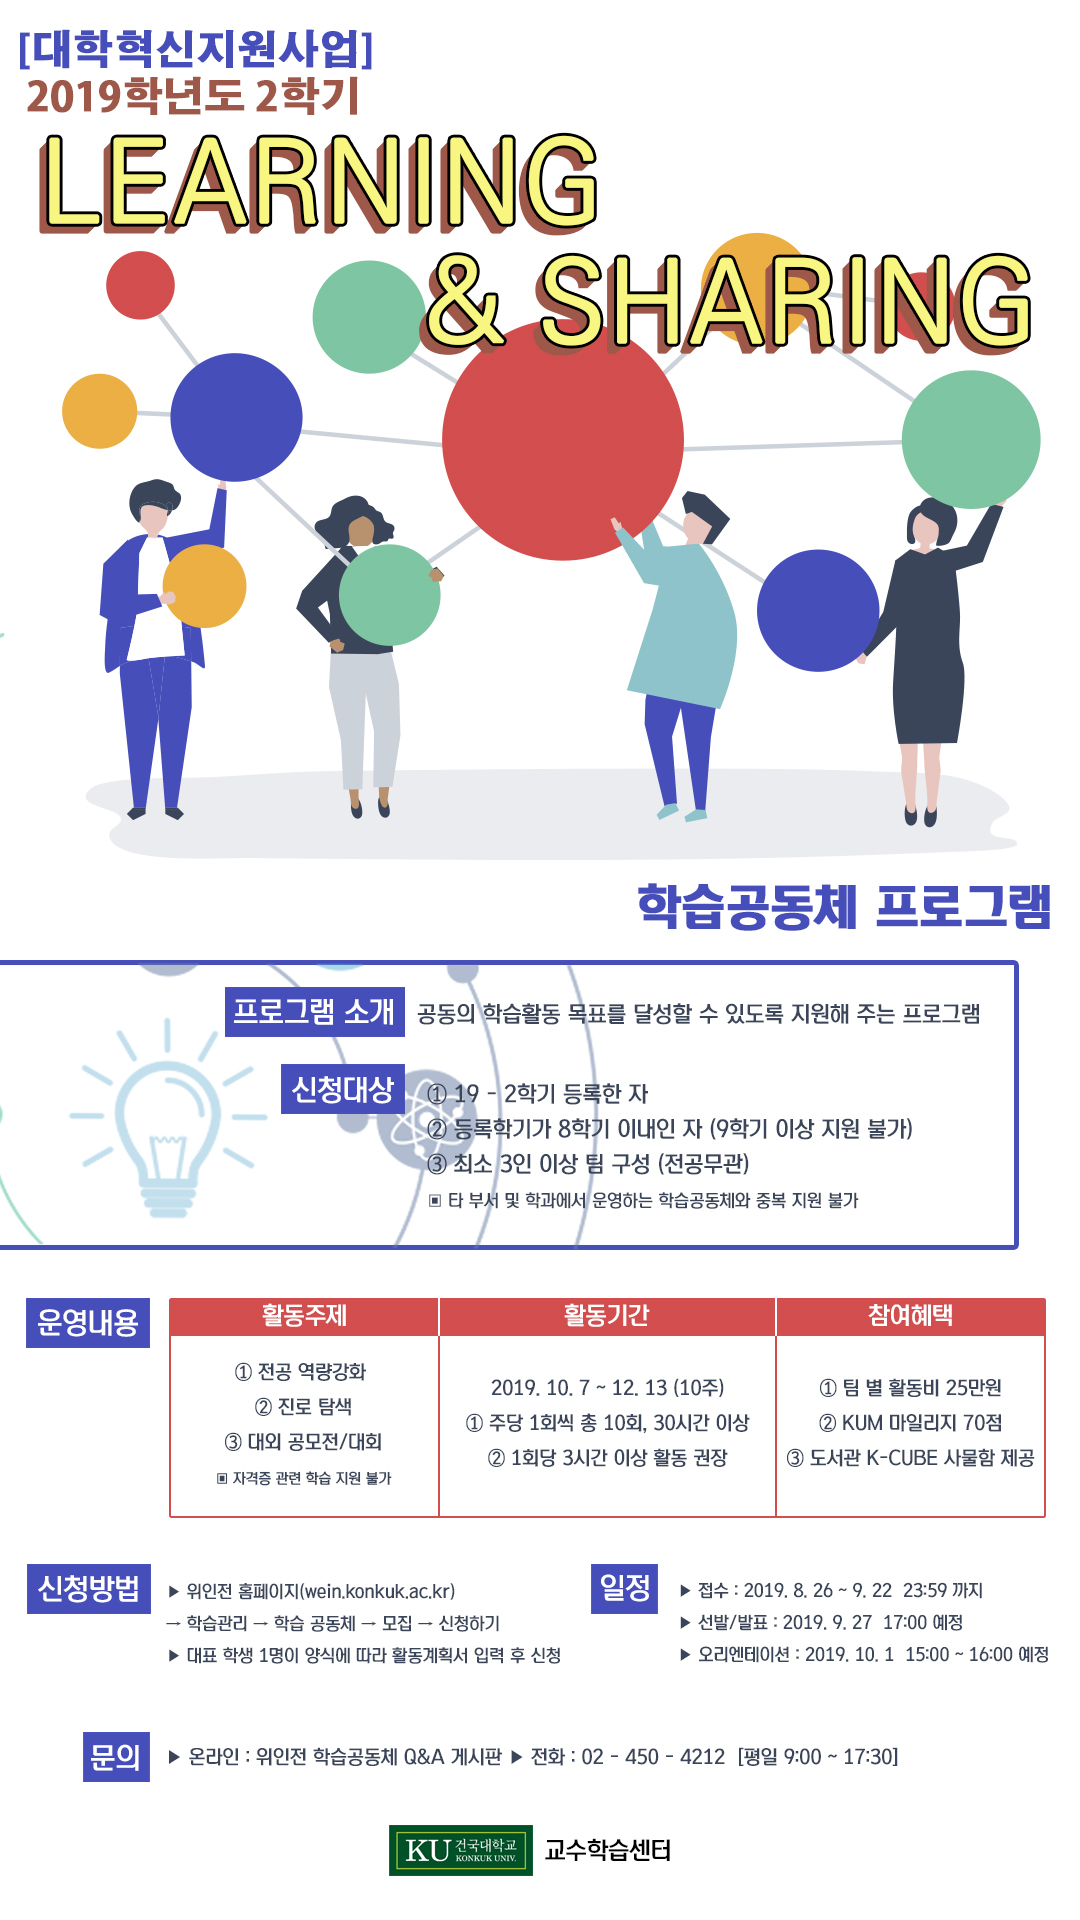 2019학년도 Learning & Sharing 포스터_did(최종).jpg